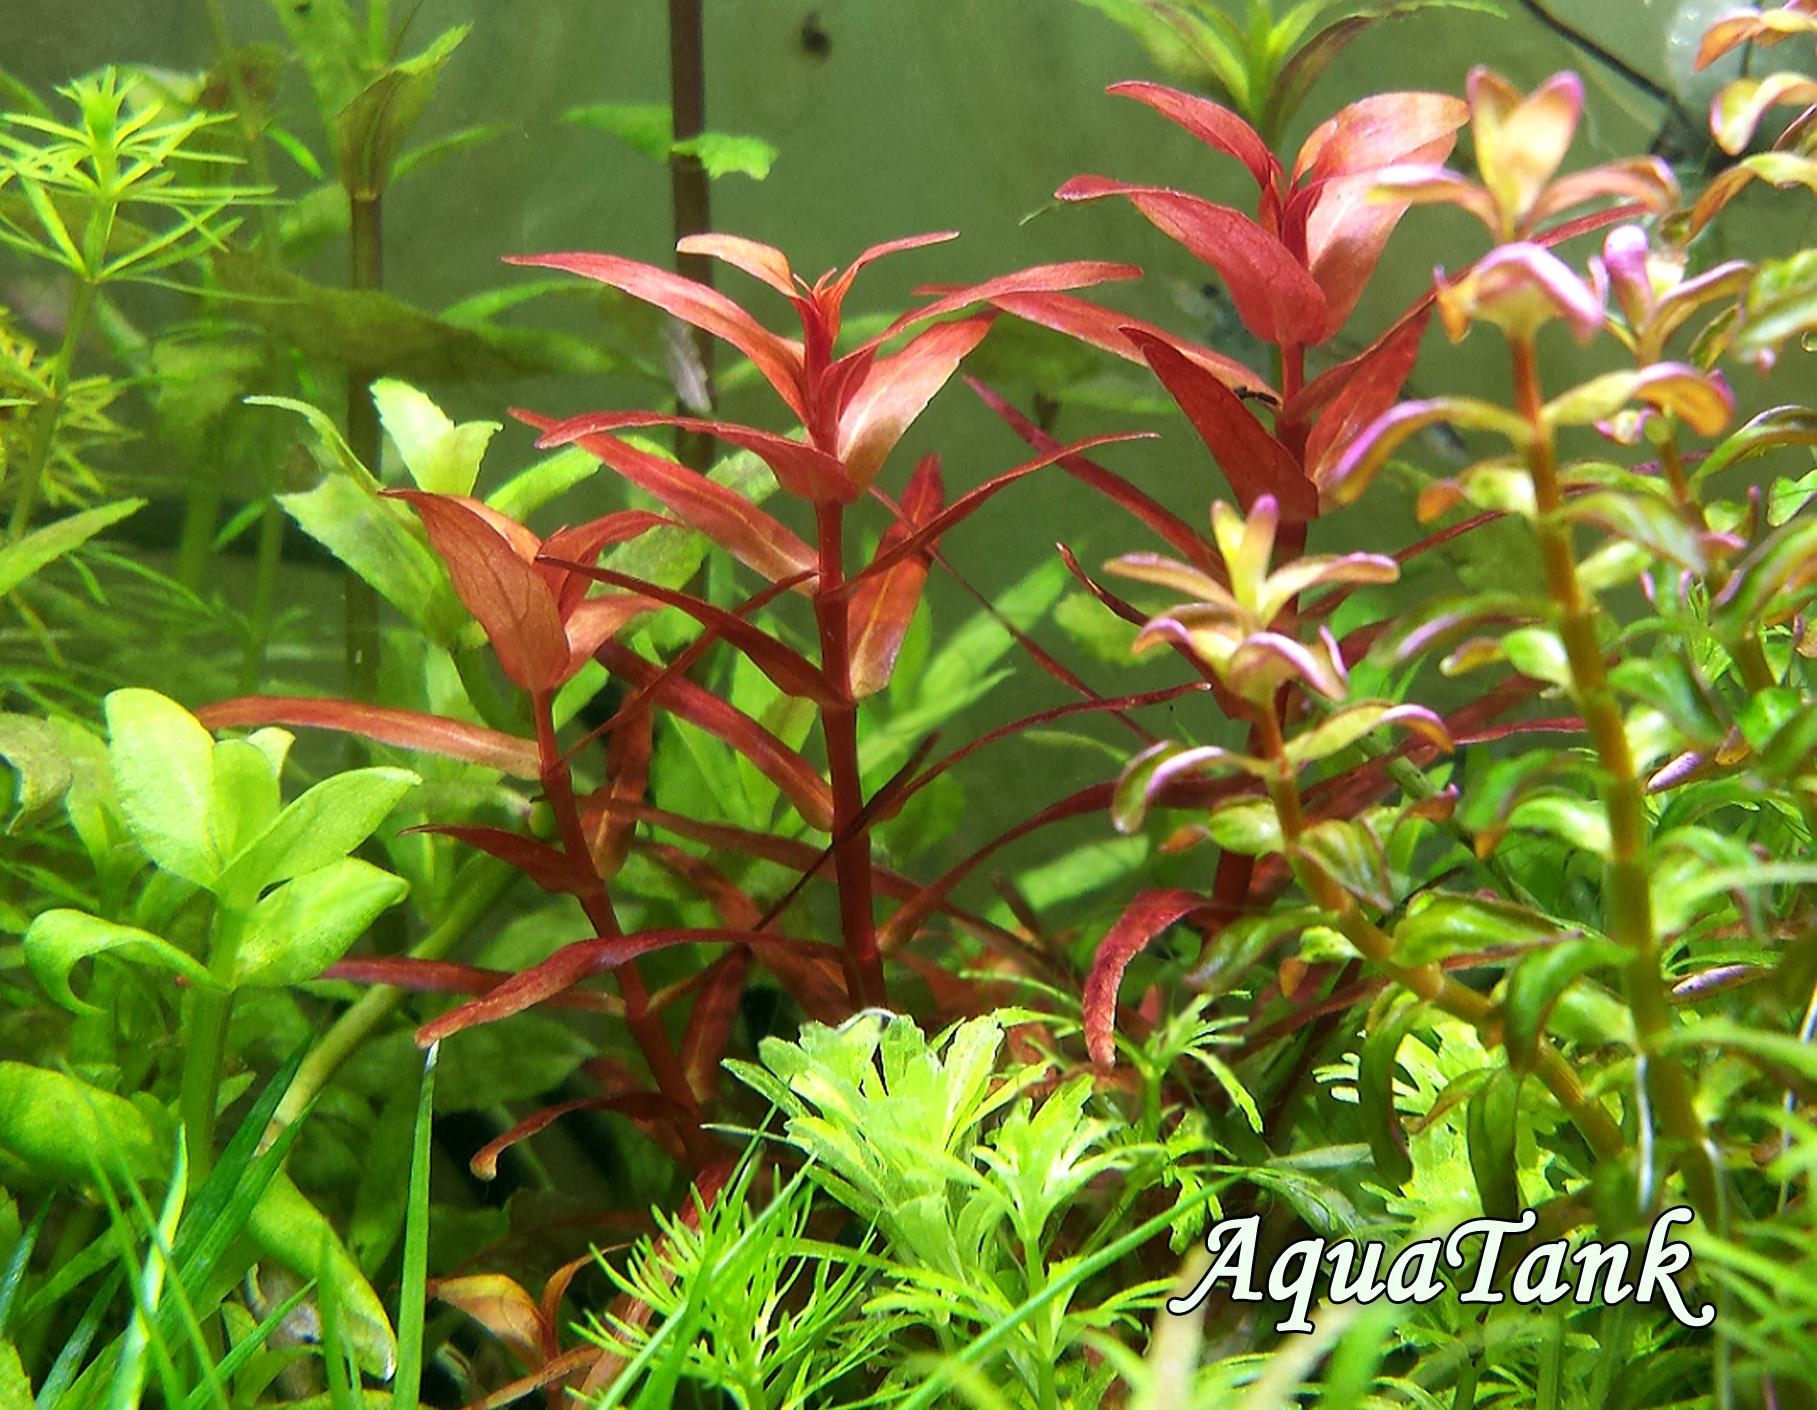 Plants In Aquarium